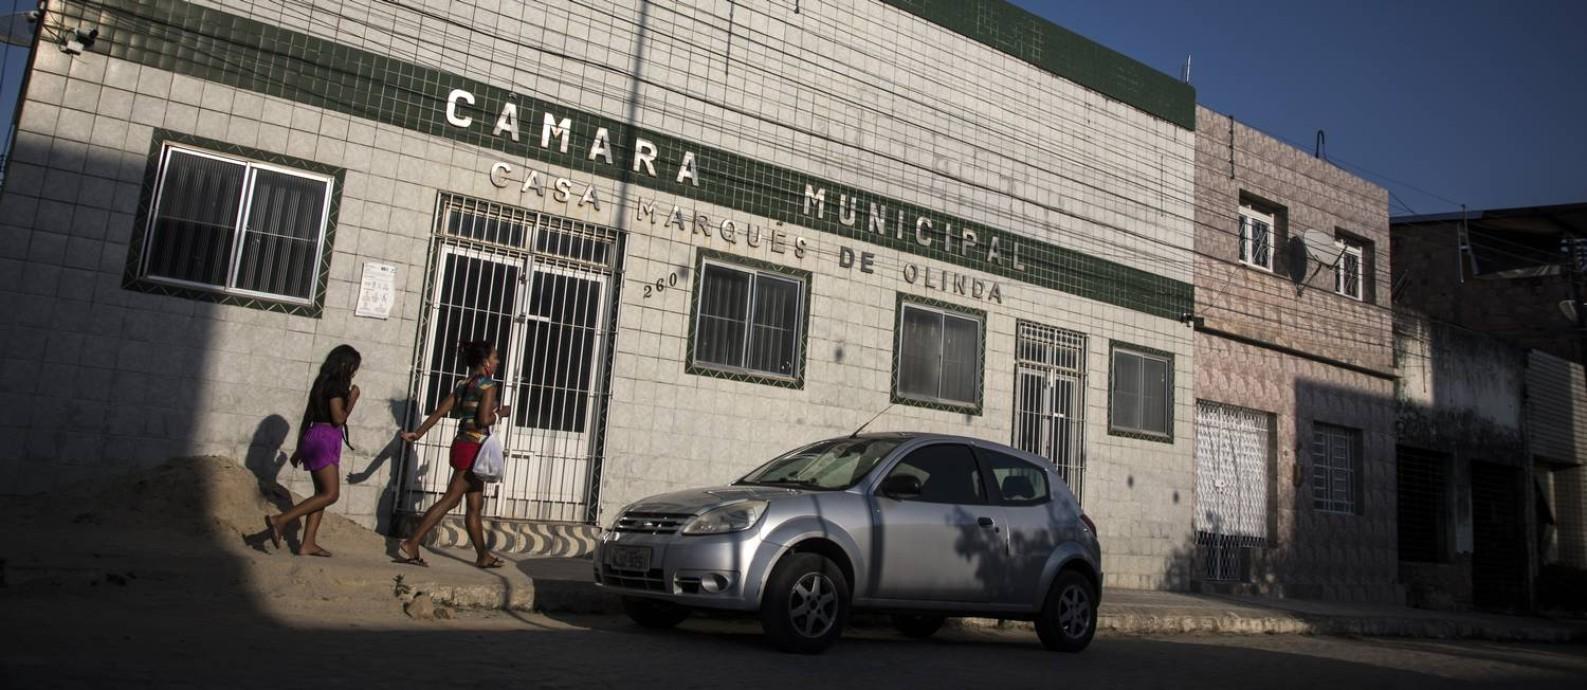 Câmara Municipal de Gameleira, no interior de Pernambuco: dois vereadores foram assassinados na frente da casa legislativa esse ano Foto: Guito Moreto / Agência O Globo